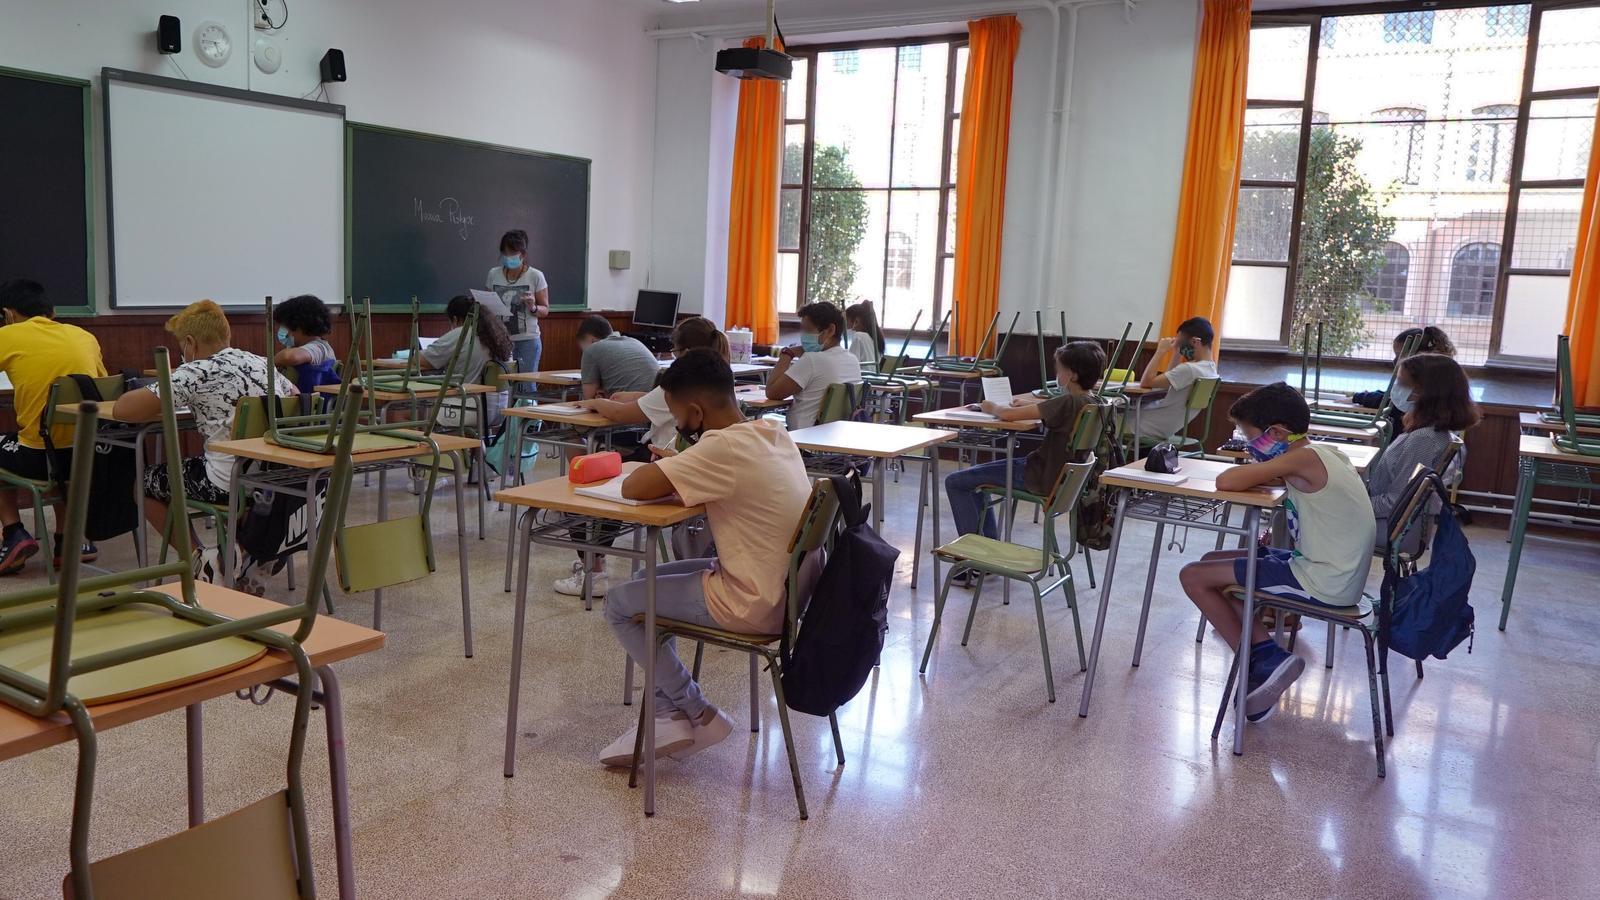 Alumnes fent classe el primer dia de curs 2020-21.